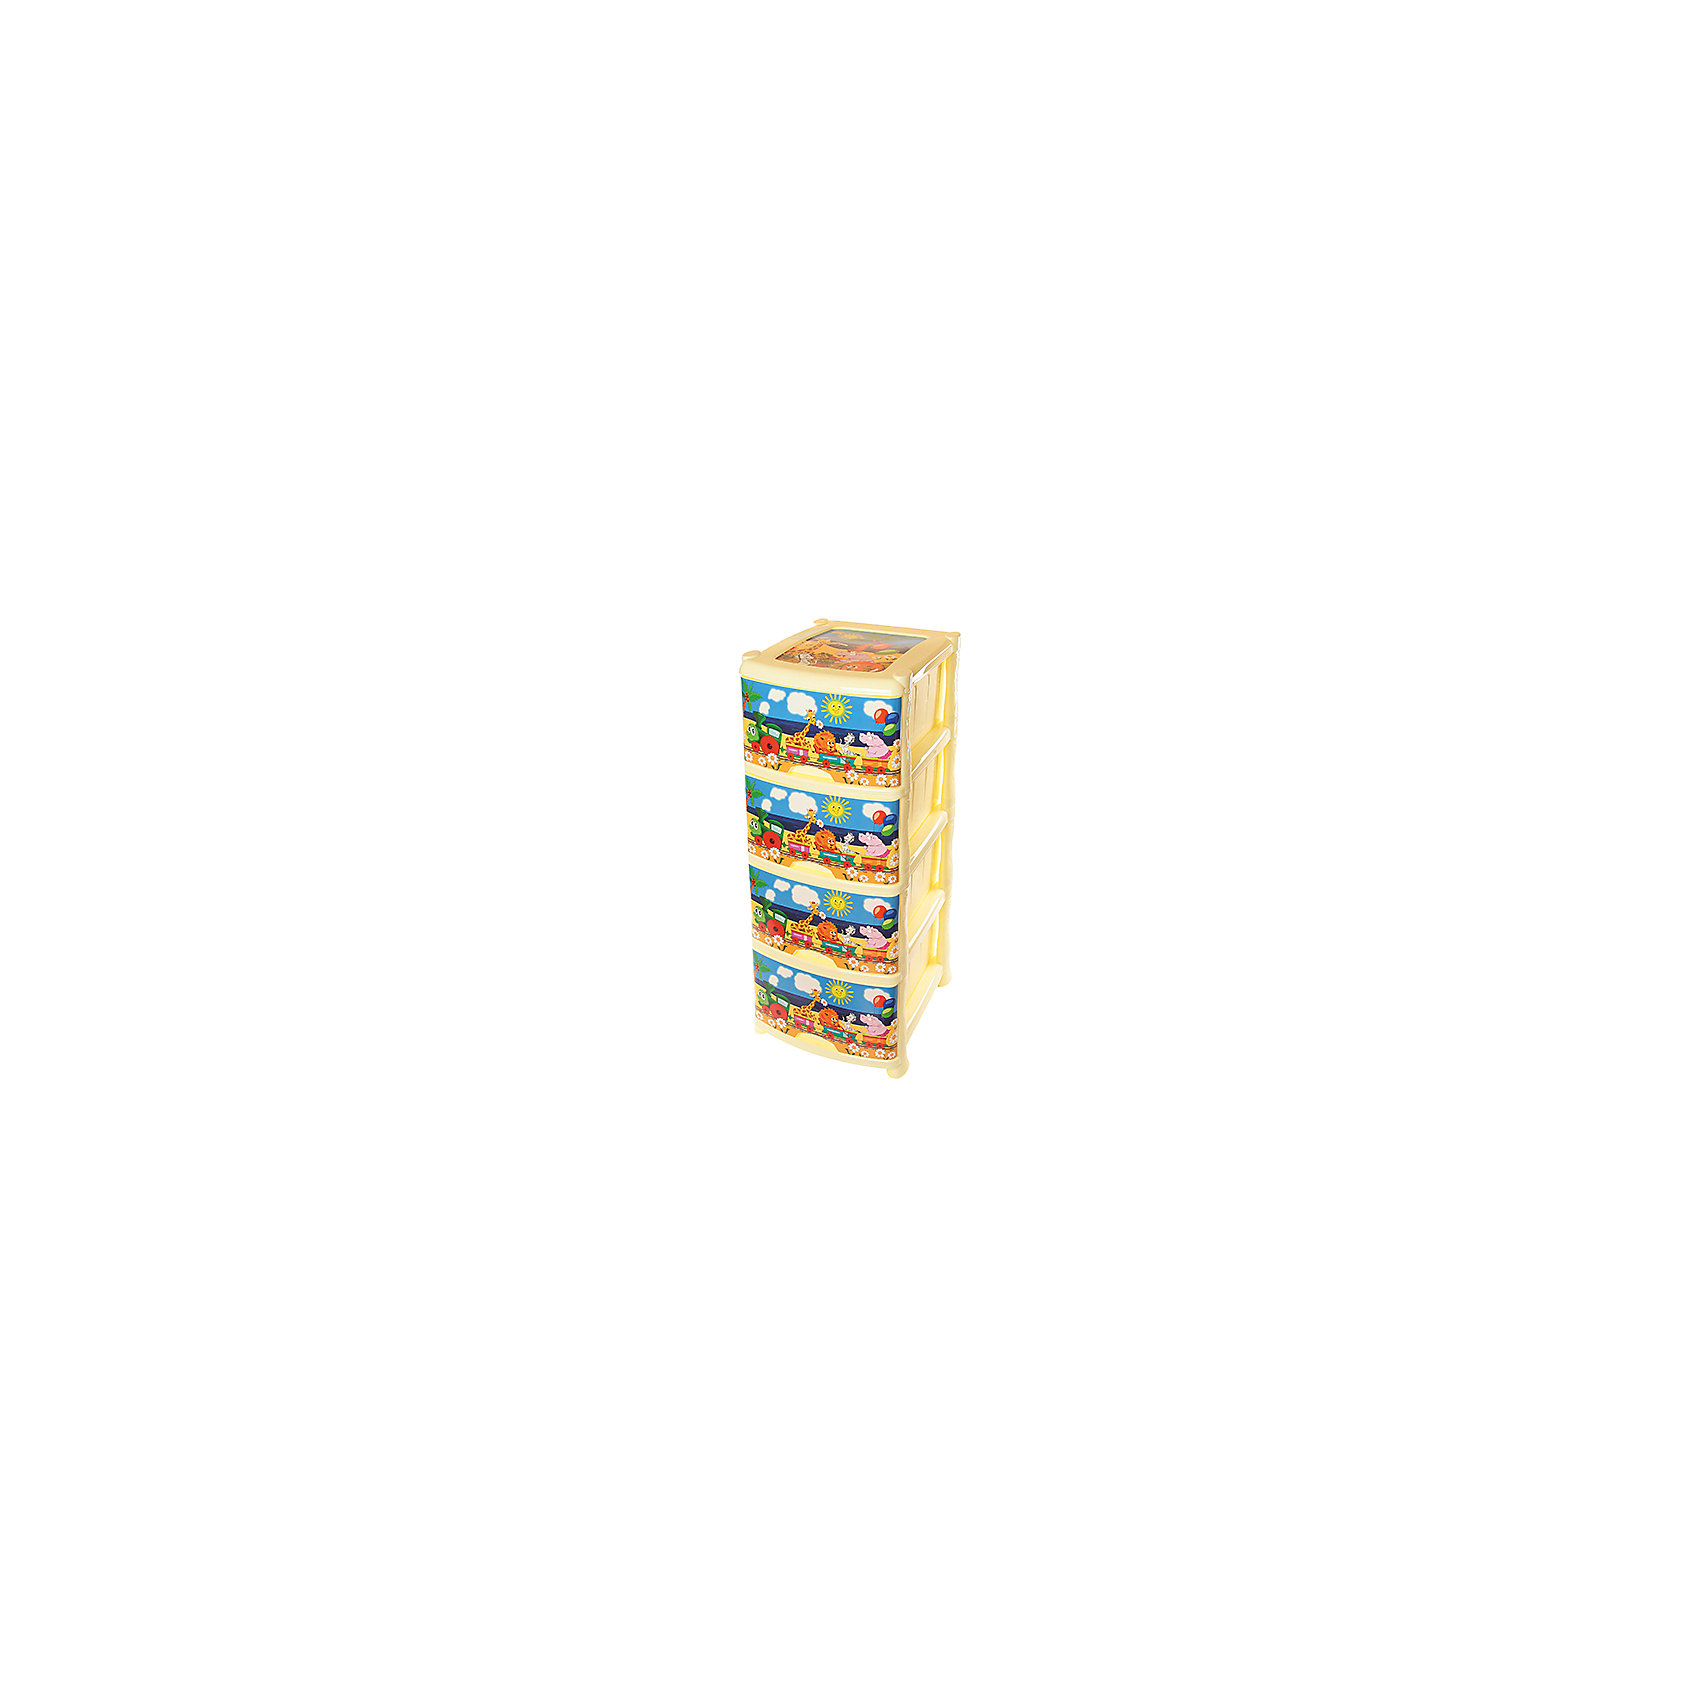 Комод 4-х секционный декор 40*47*94 см.Паровозик, VioletМебель<br>Комод 4-х секционный декор 40*47*94 см.Паровозик, Violet Универсальный  комод с 4 выдвижными ящиками. Выполнен из экологически чистого пластика. Идеально подходит для храненияEL Casa игрушек и других хозяйственных предметов. Достаточно вместительный, но в то же время компактный. Можно сократить количество ярусов по желанию. Поставляется в разобранном виде.<br><br>Ширина мм: 480<br>Глубина мм: 410<br>Высота мм: 410<br>Вес г: 4470<br>Возраст от месяцев: 0<br>Возраст до месяцев: 1188<br>Пол: Унисекс<br>Возраст: Детский<br>SKU: 6668835